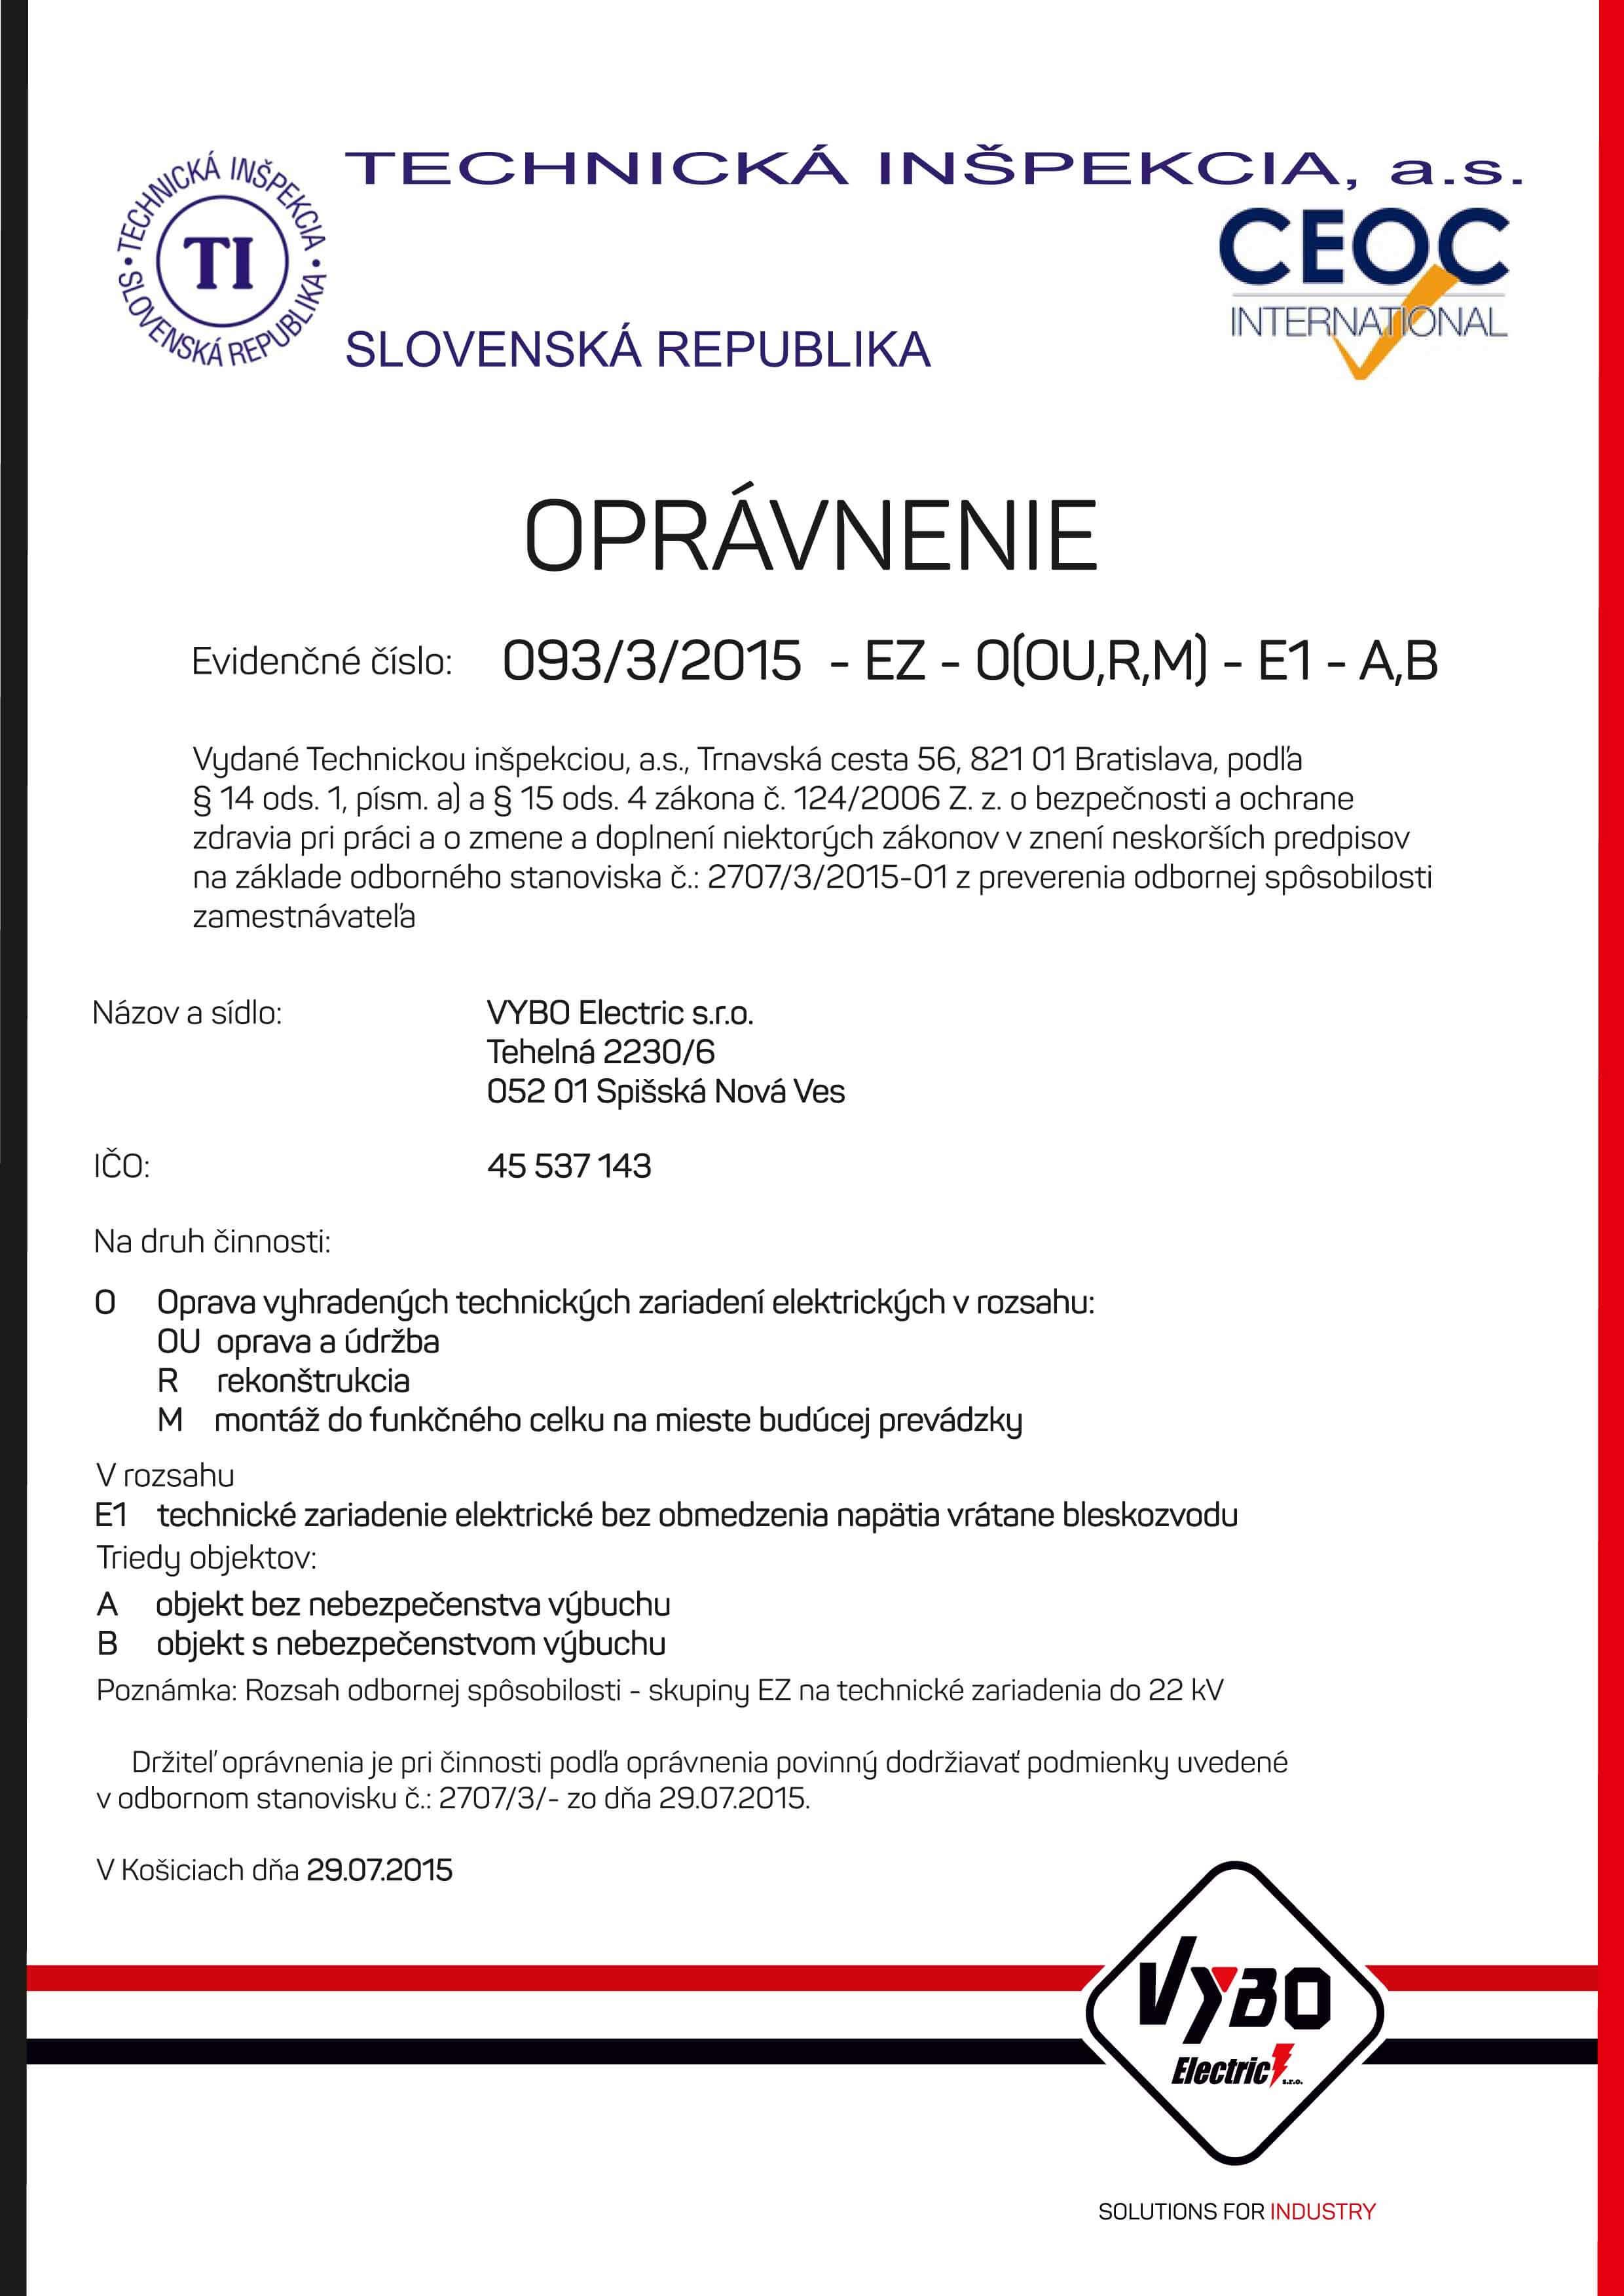 Certifikáty - VYBO Electric a.s. 4301cea2302